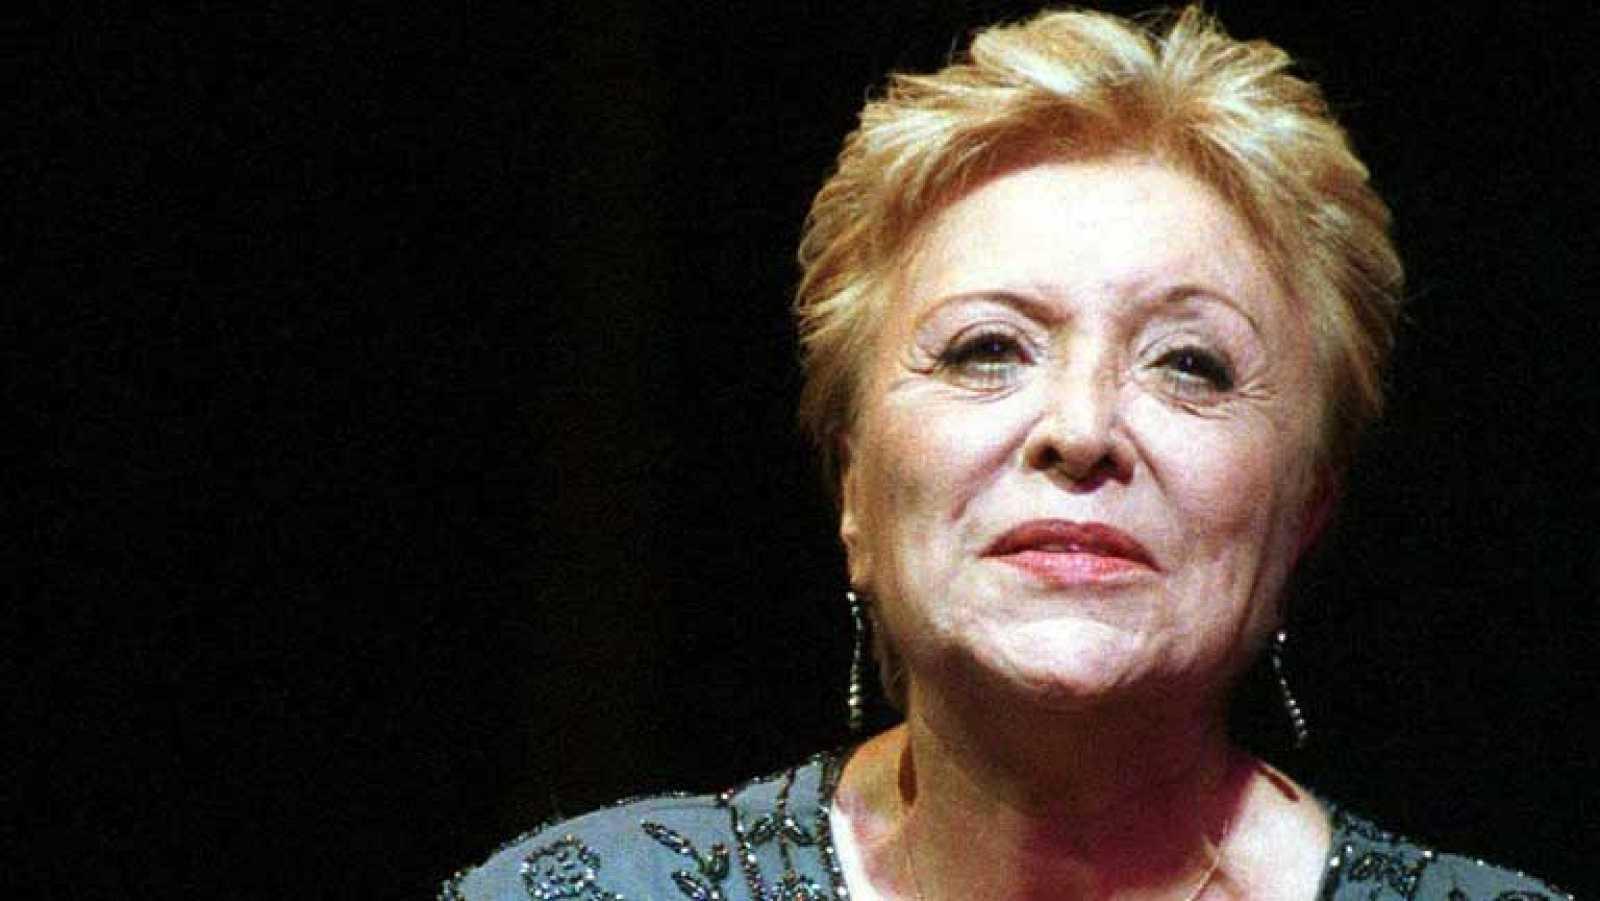 La actriz Amparo Soler Leal fallece a los 80 años de edad